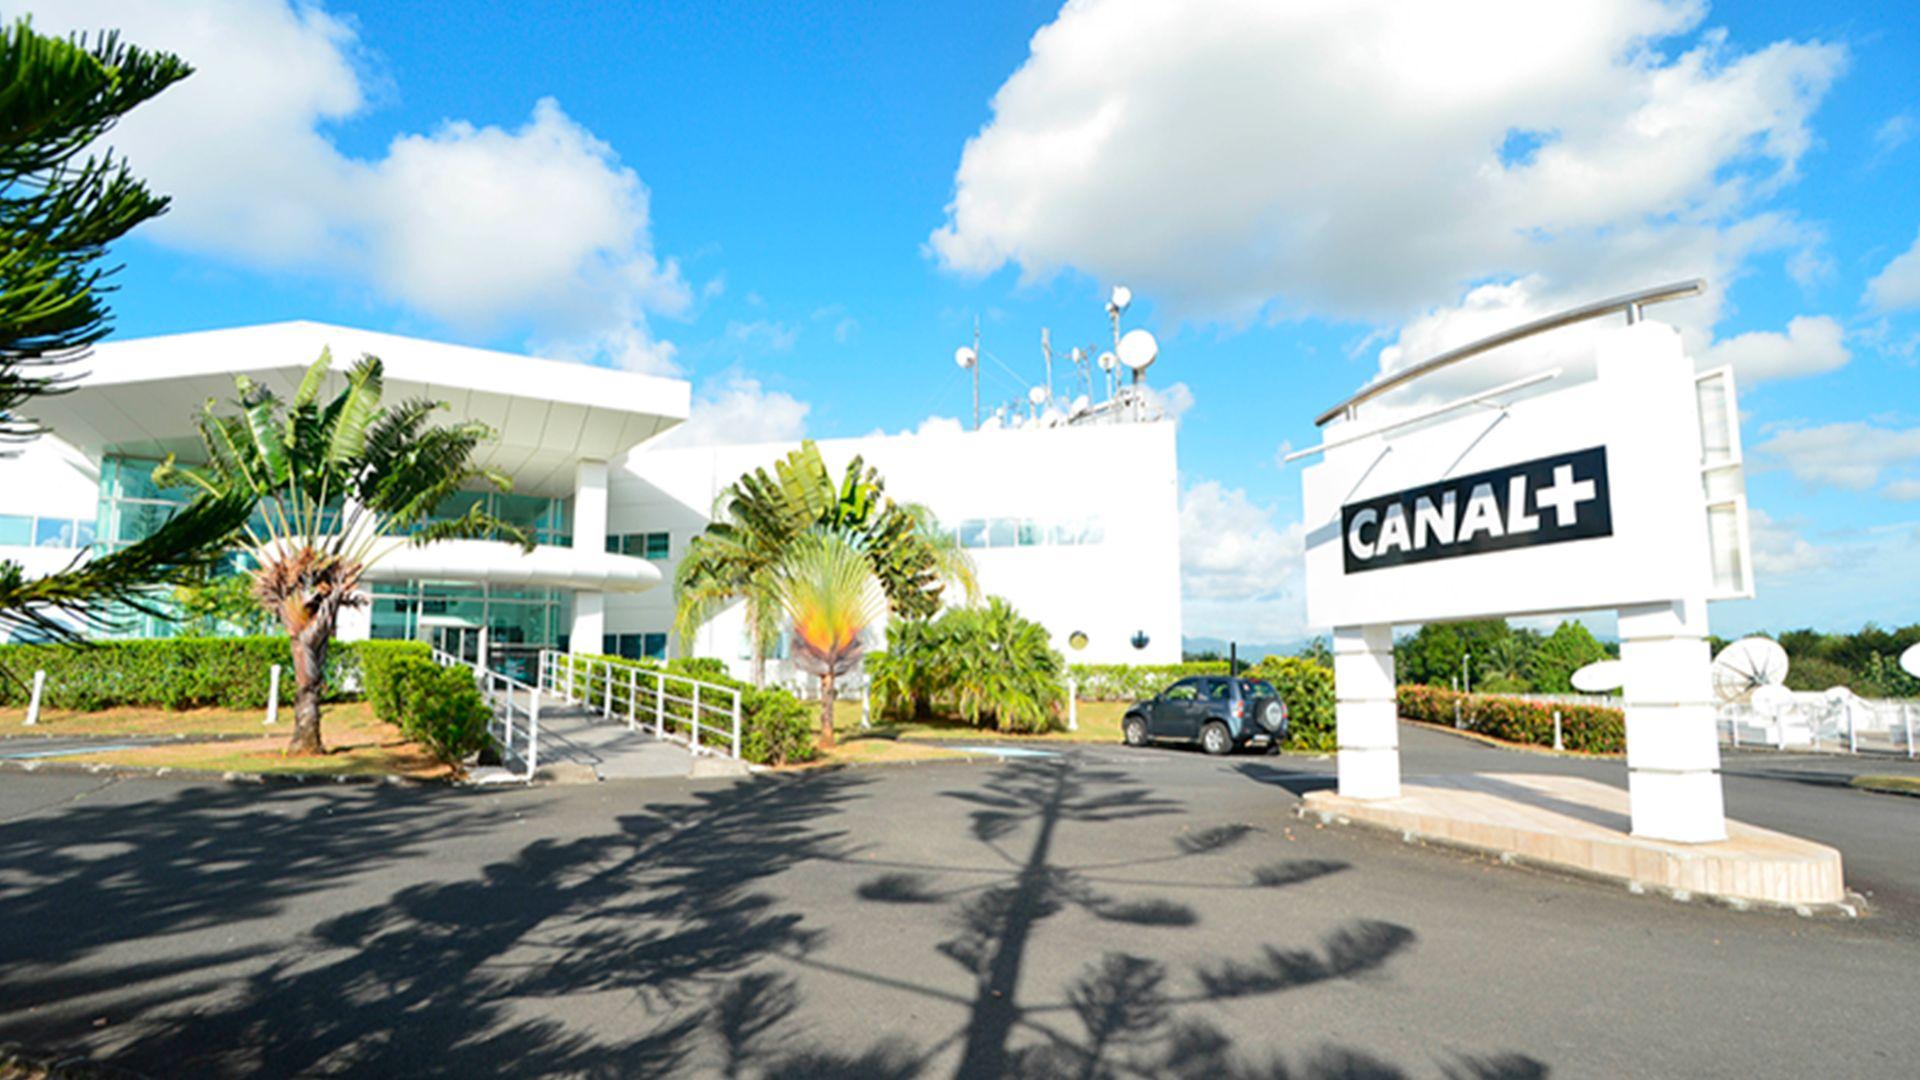 Antilles, CANAL+INTERNATIONAL